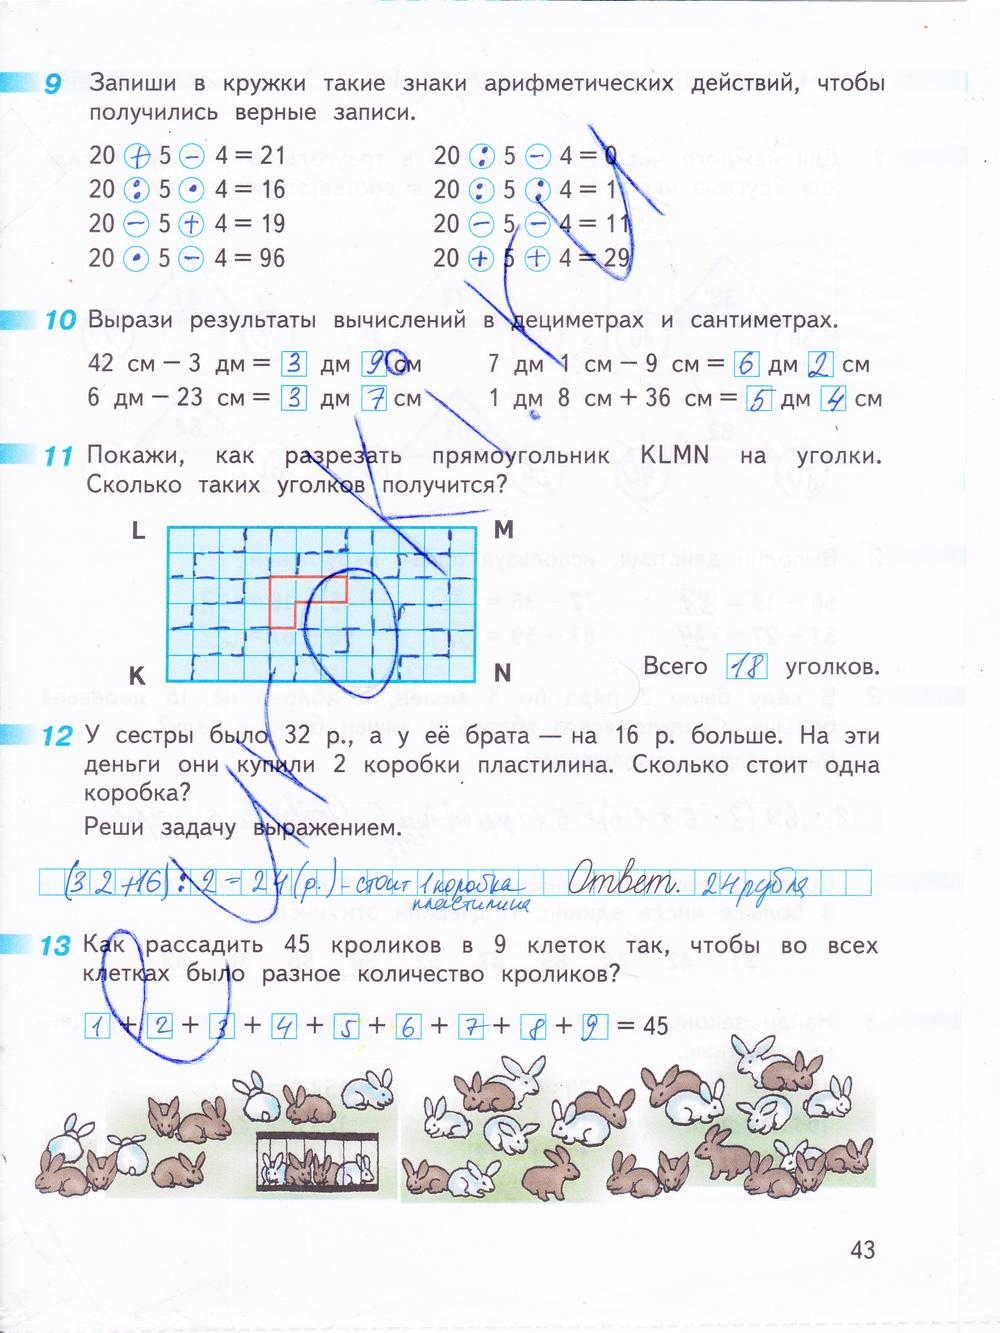 Гдз 4 класс математика рабочая тетрадь дорофеев